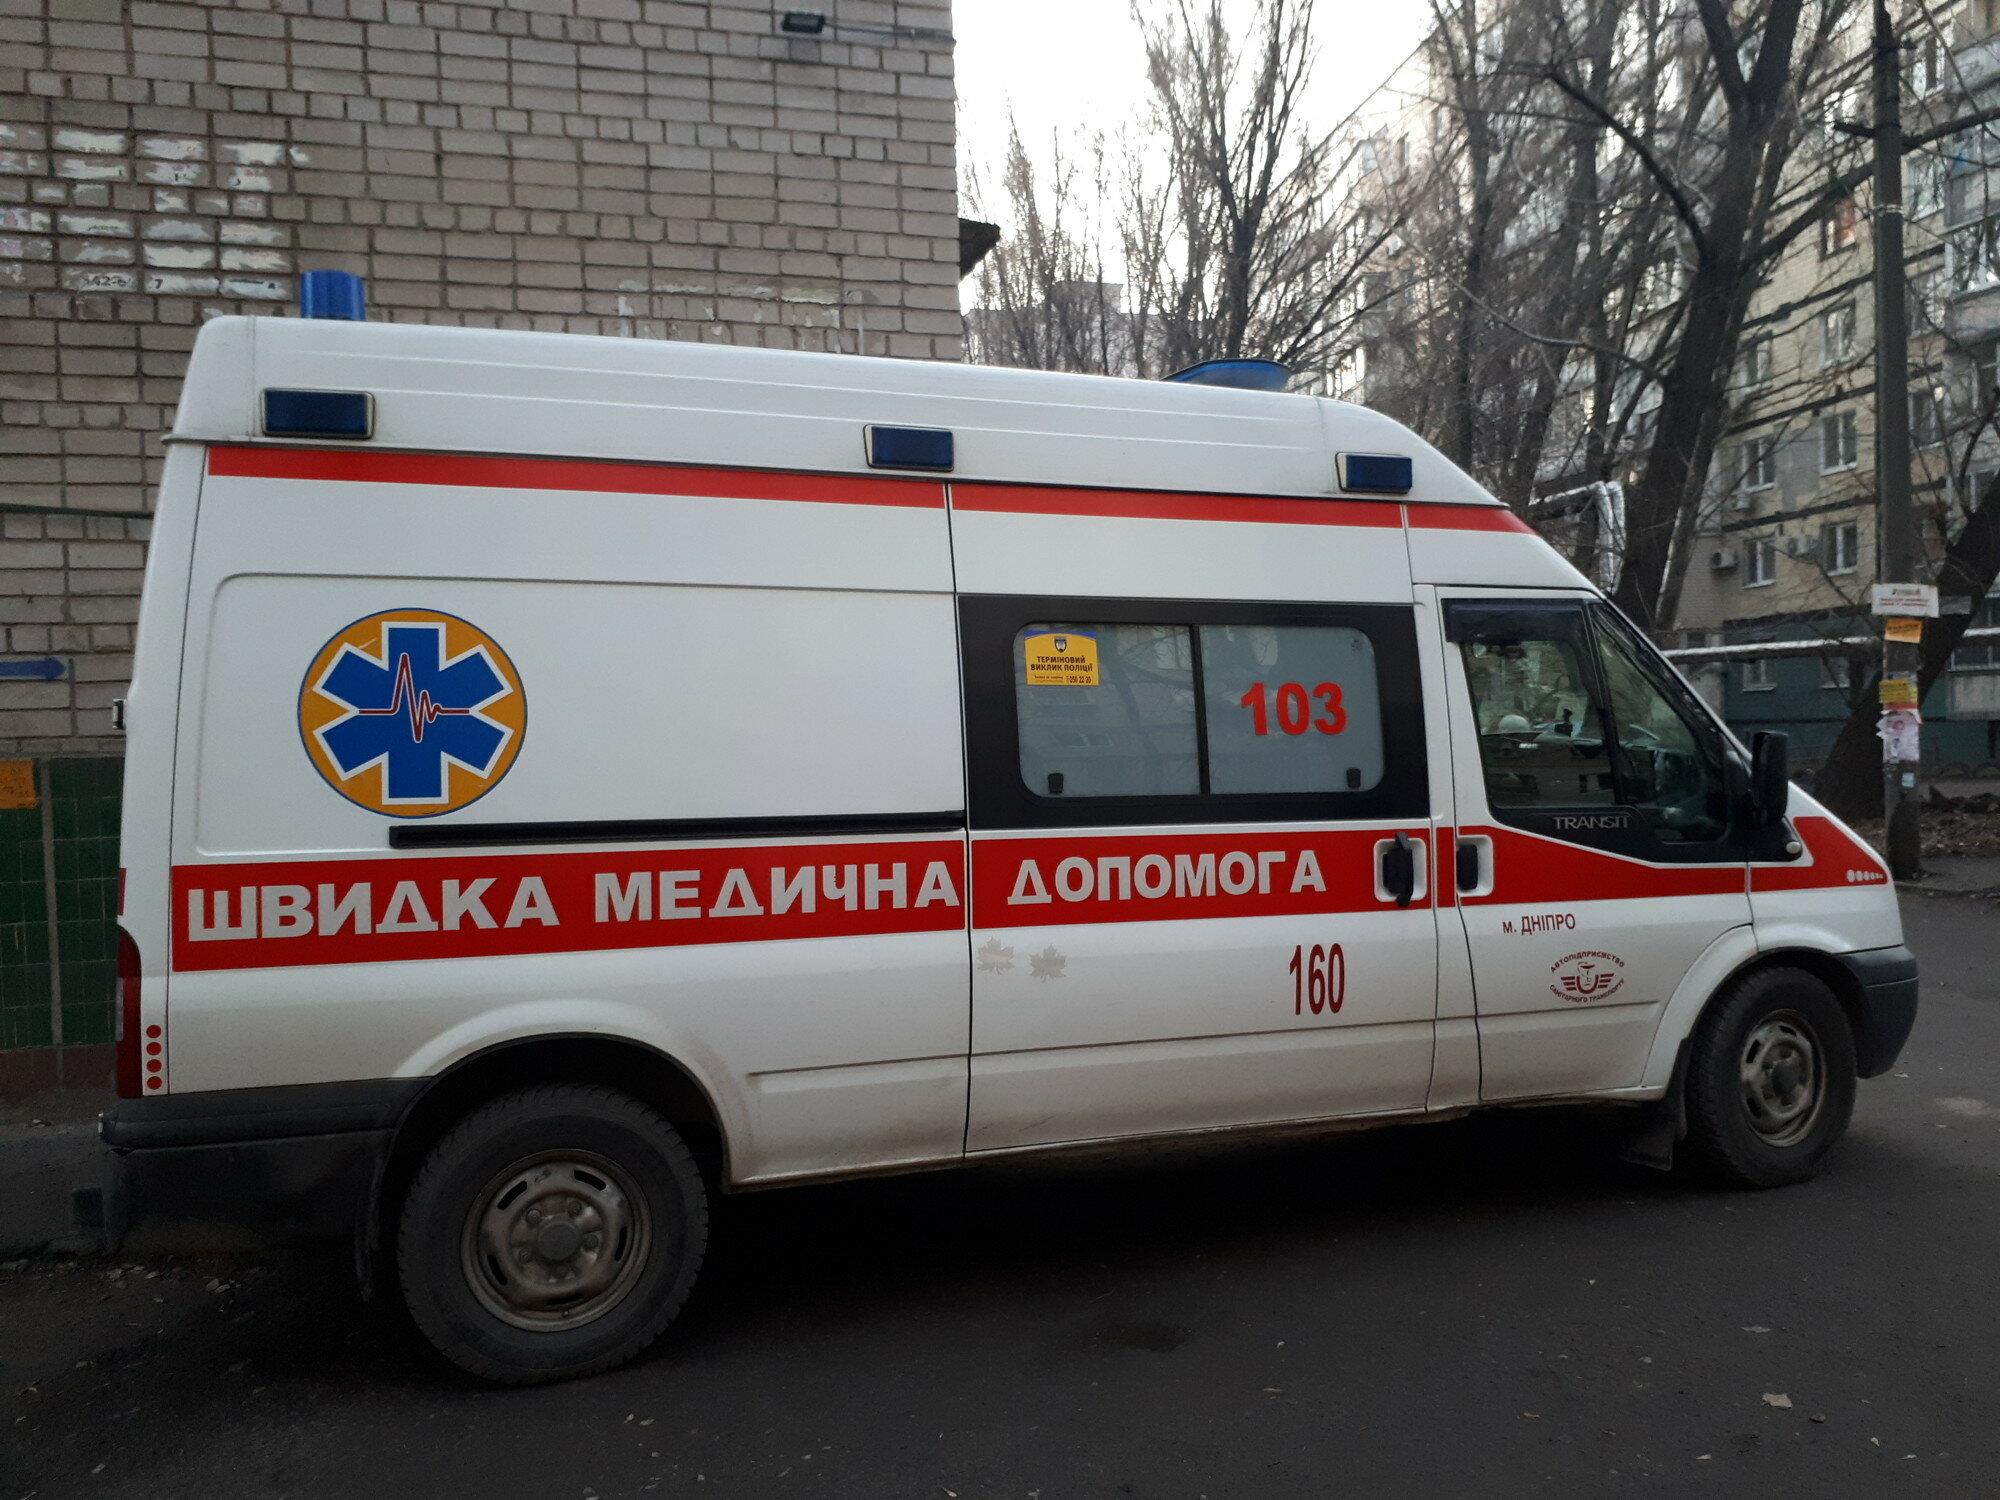 В Киеве трое парней избили девушку за национализм